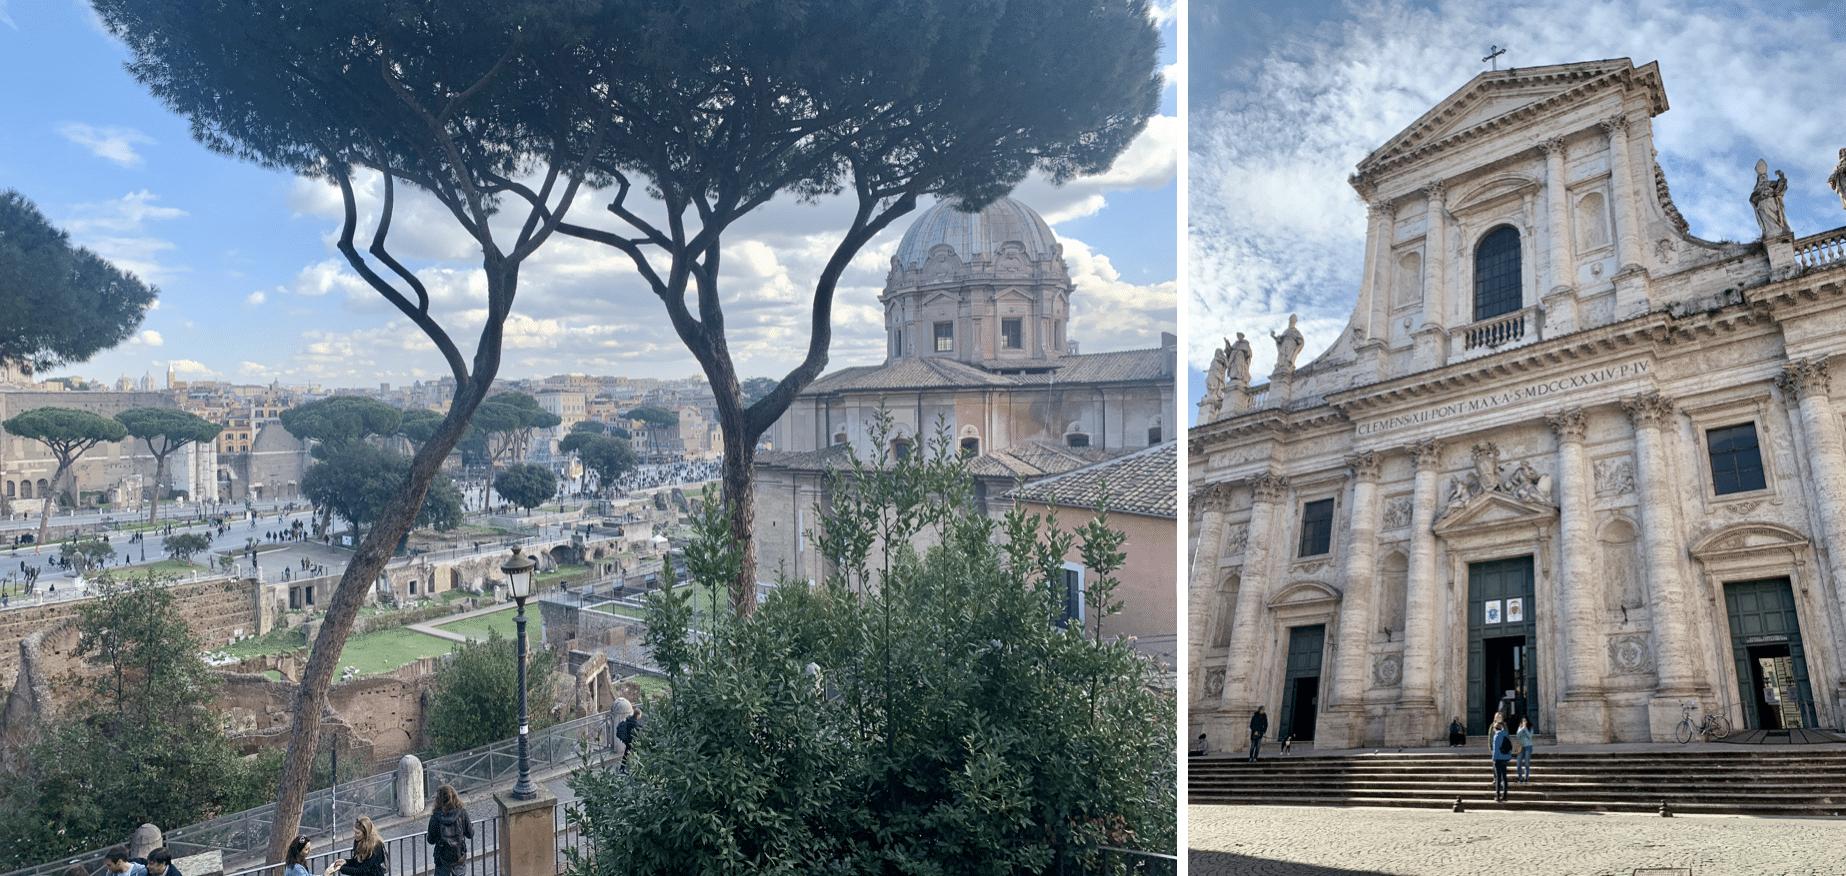 visiter rome : les paysages